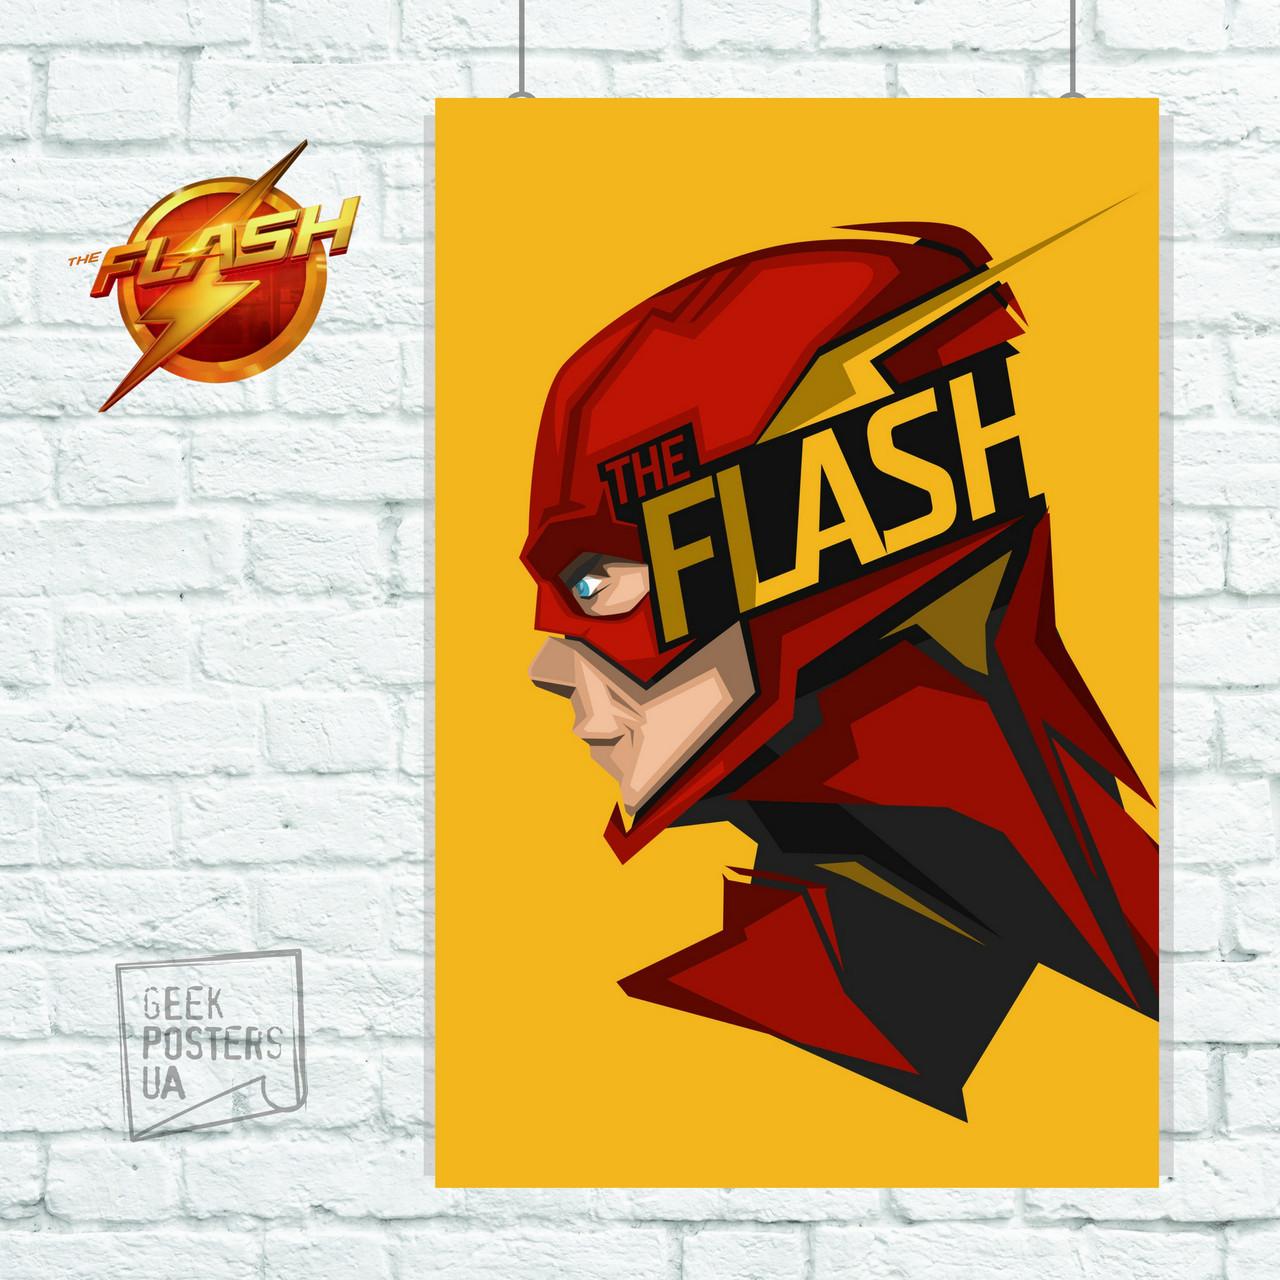 Постер Flash, Флэш, на жёлтом фоне. Размер 60x43см (A2). Глянцевая бумага